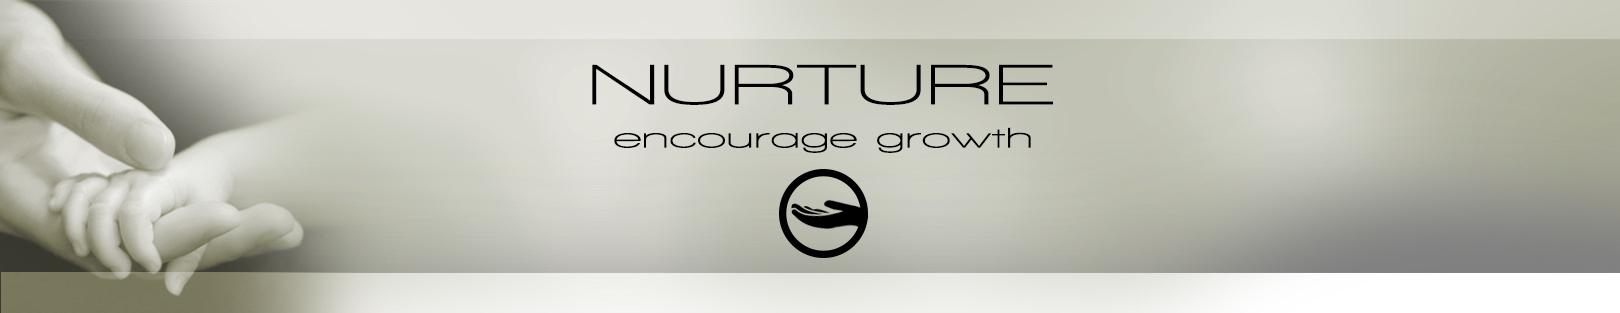 nurture-top-bar